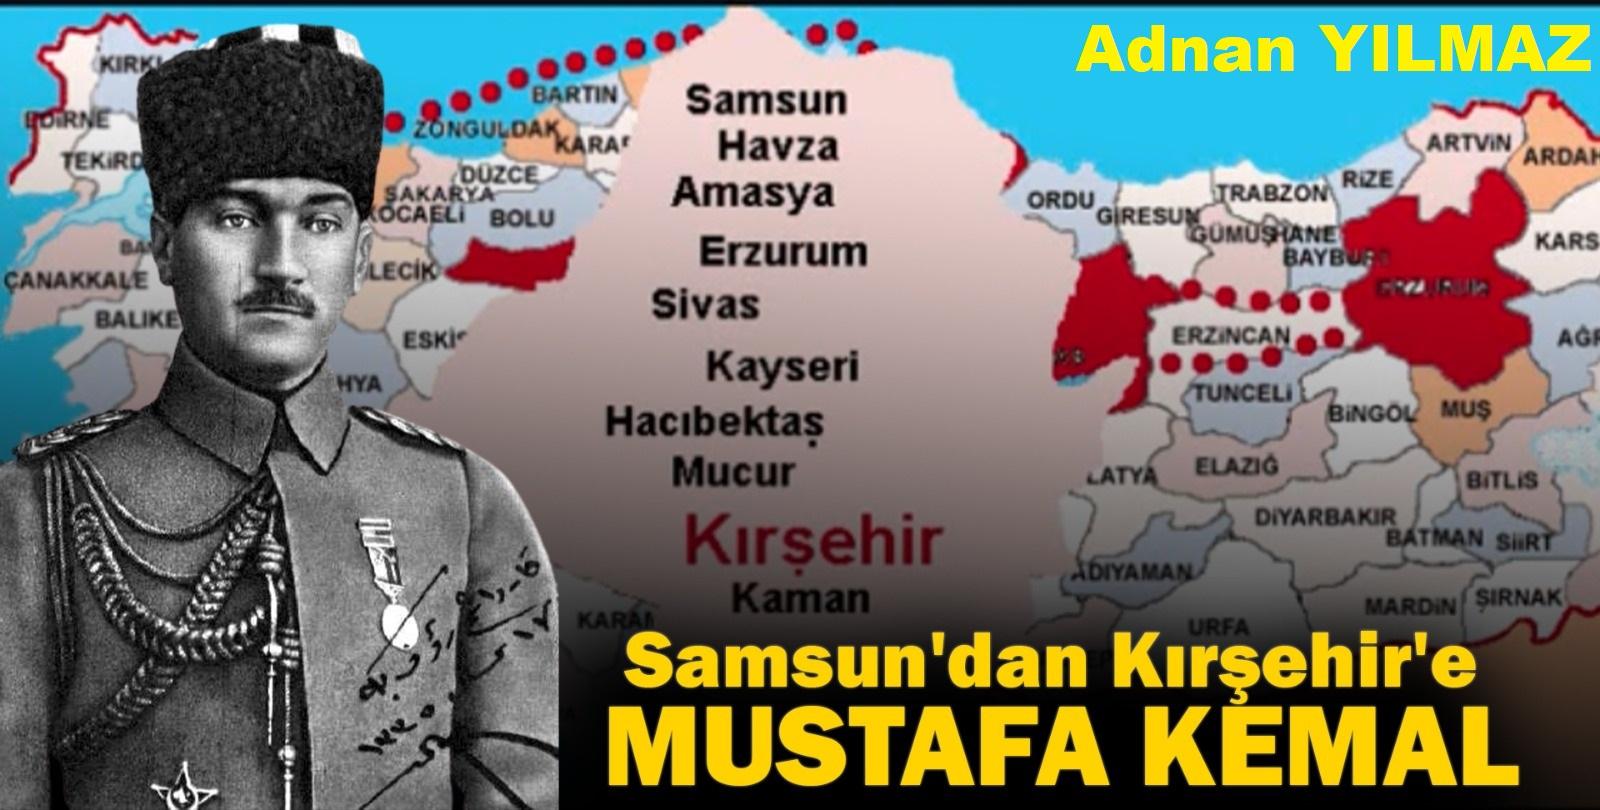 Samsun'dan Kırşehir'e, MUSTAFA KEMAL